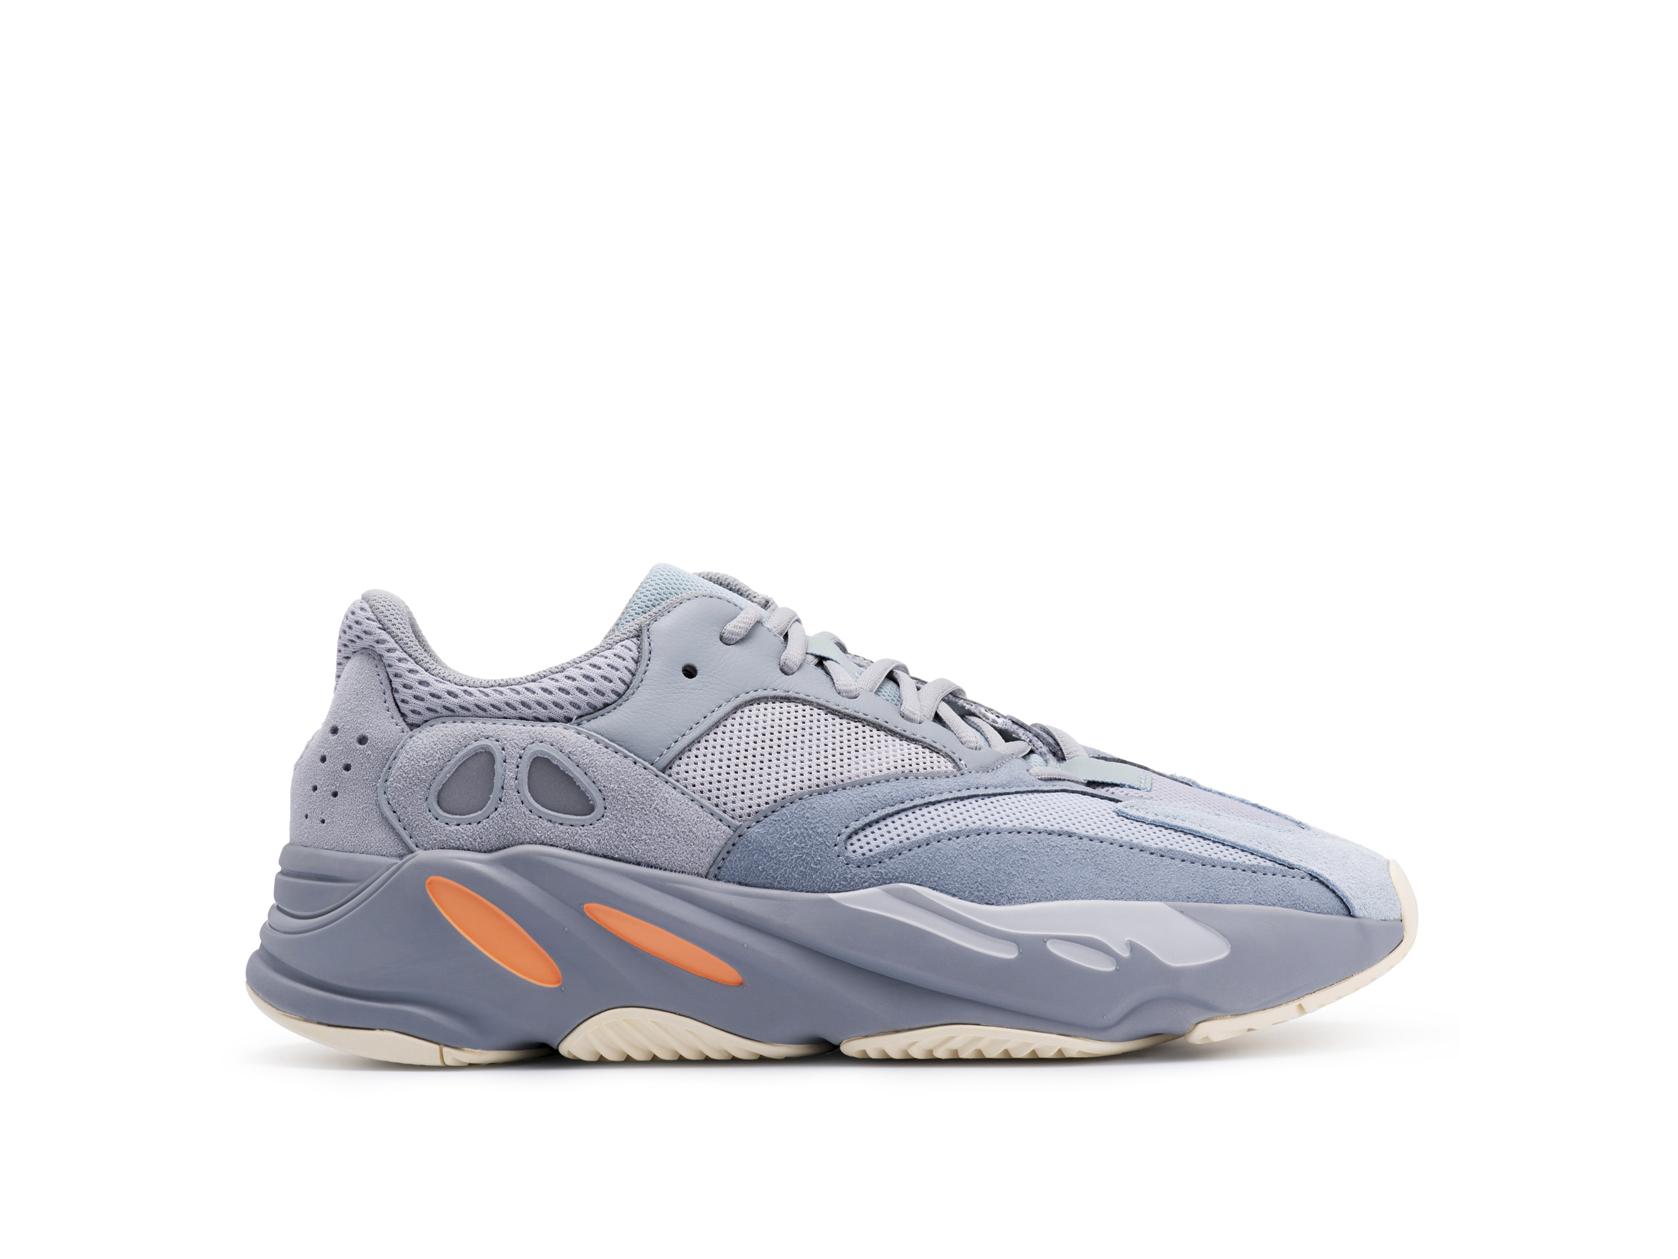 Yeezy 700 Inertia Trainers Yeezy Boost 700 sneakers online  Yeezy Boost 700 Sneakers Online